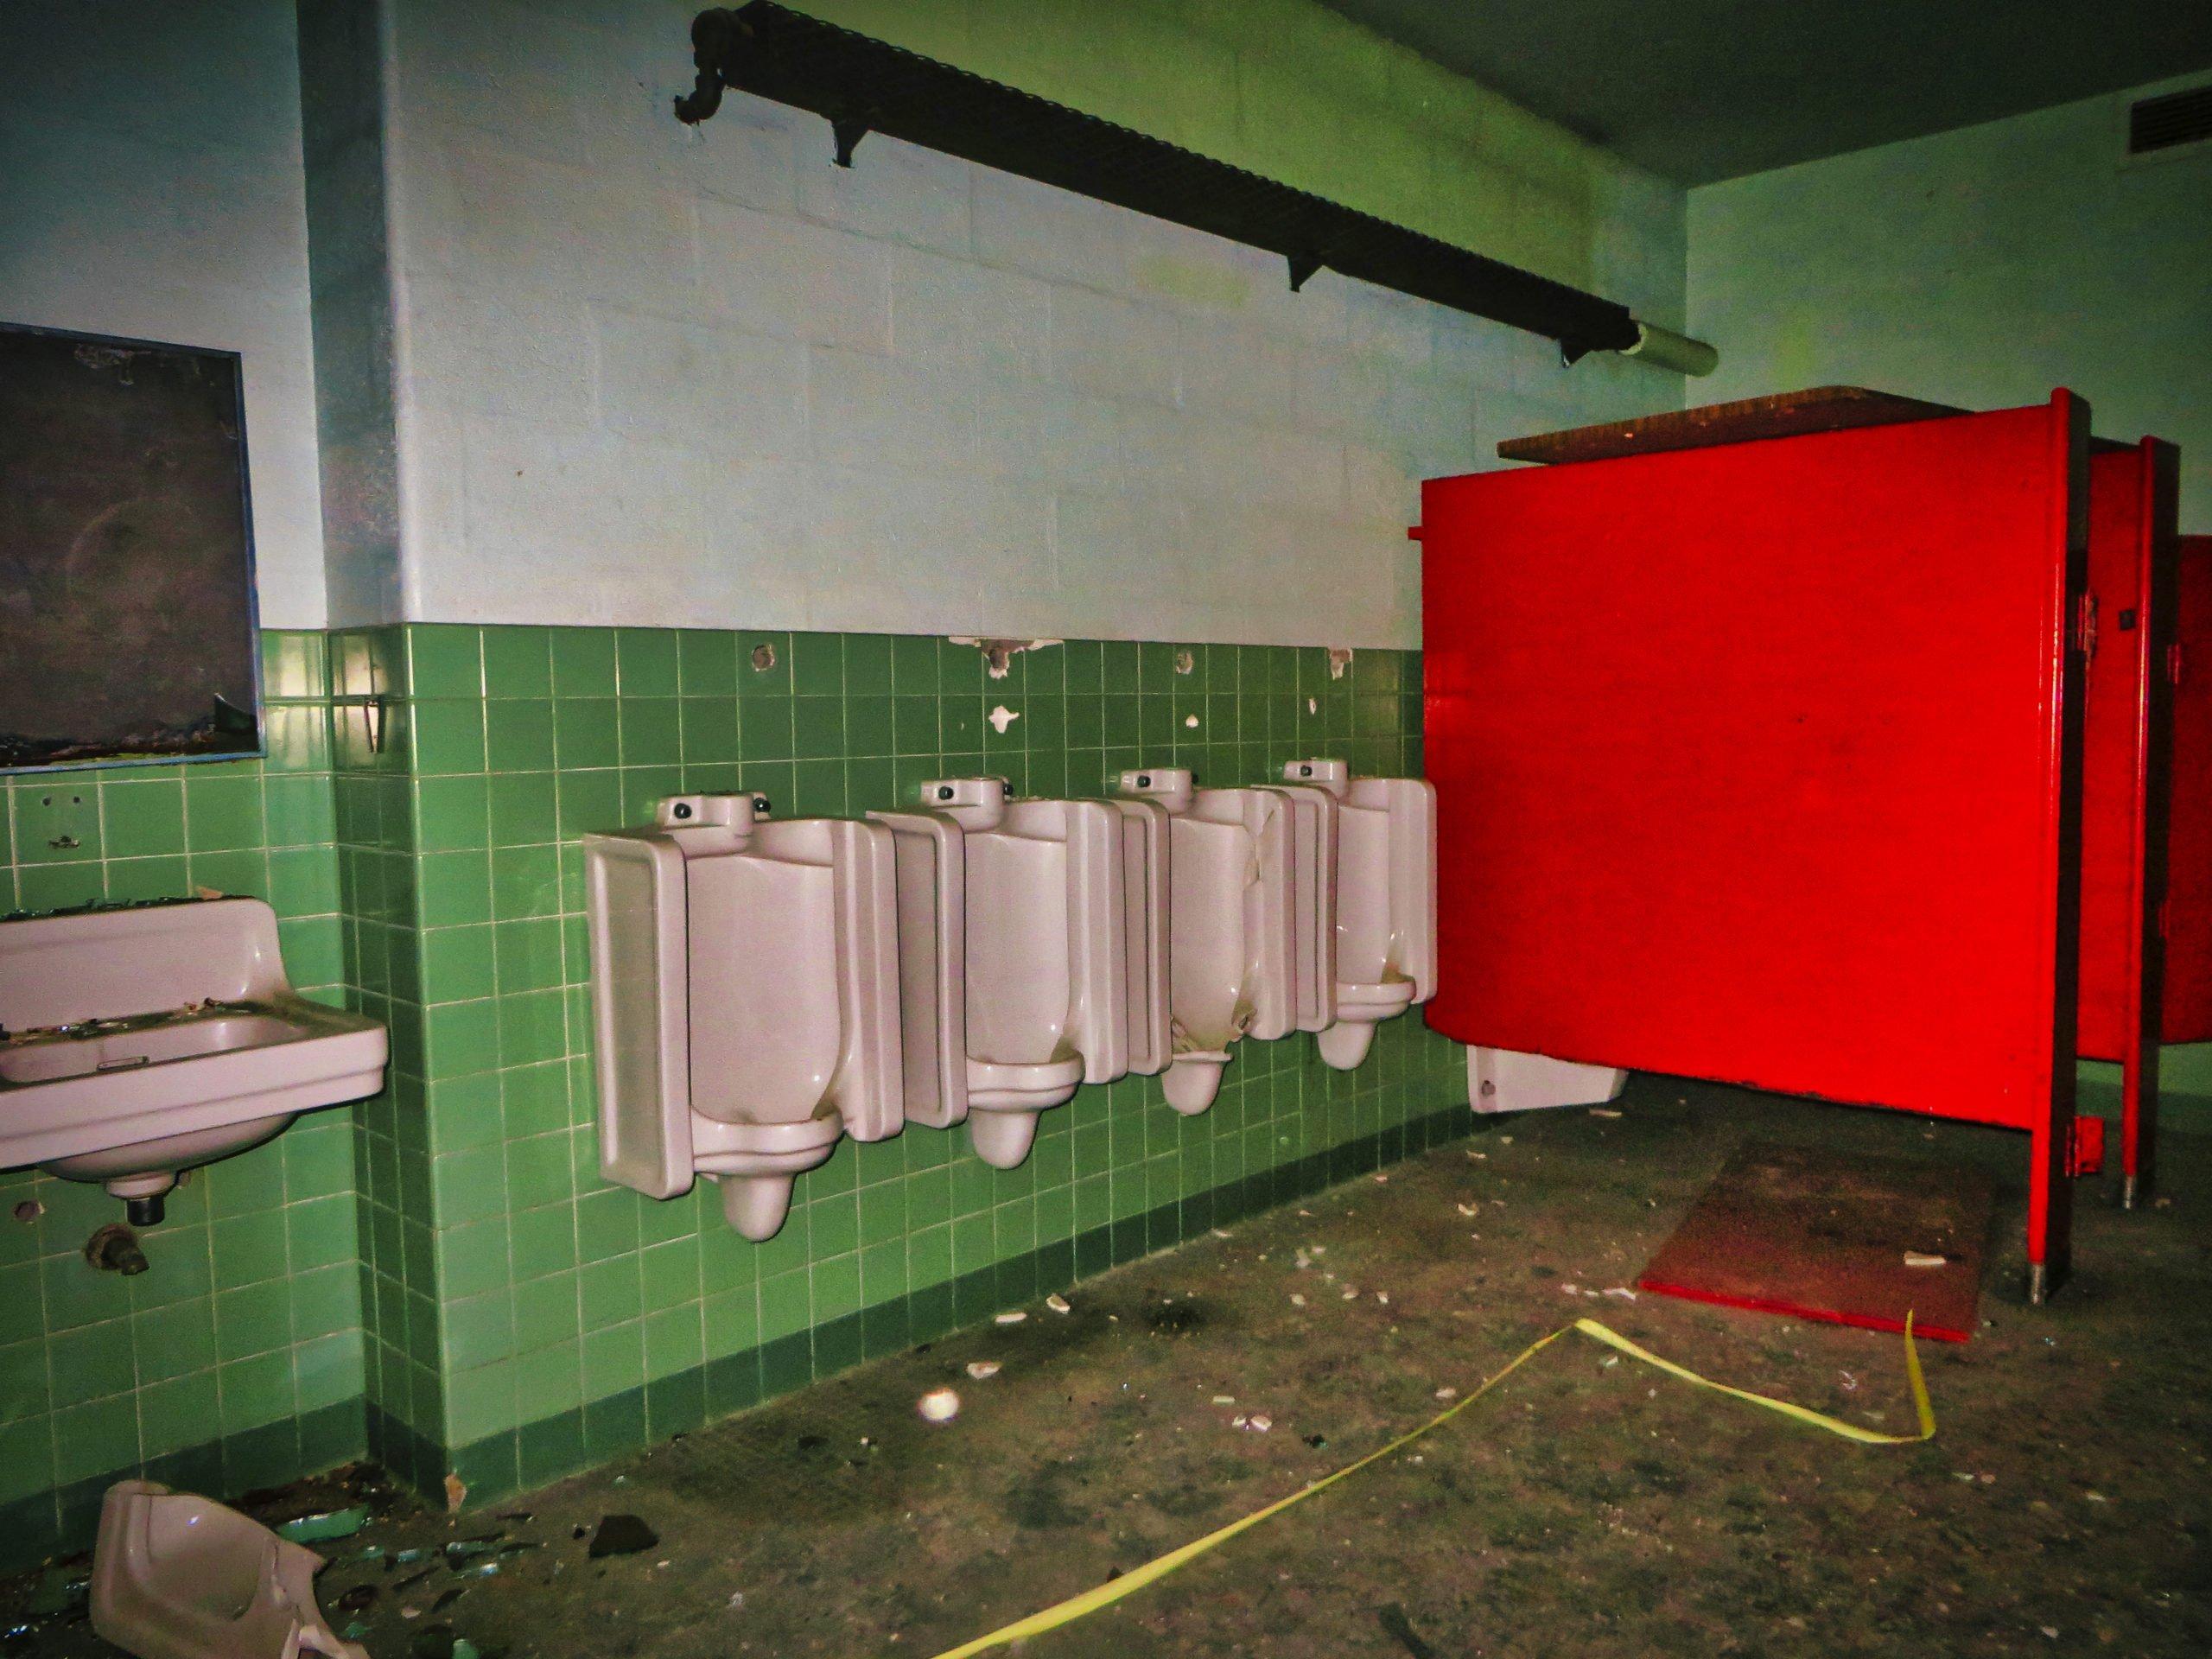 The Boys Bathroom